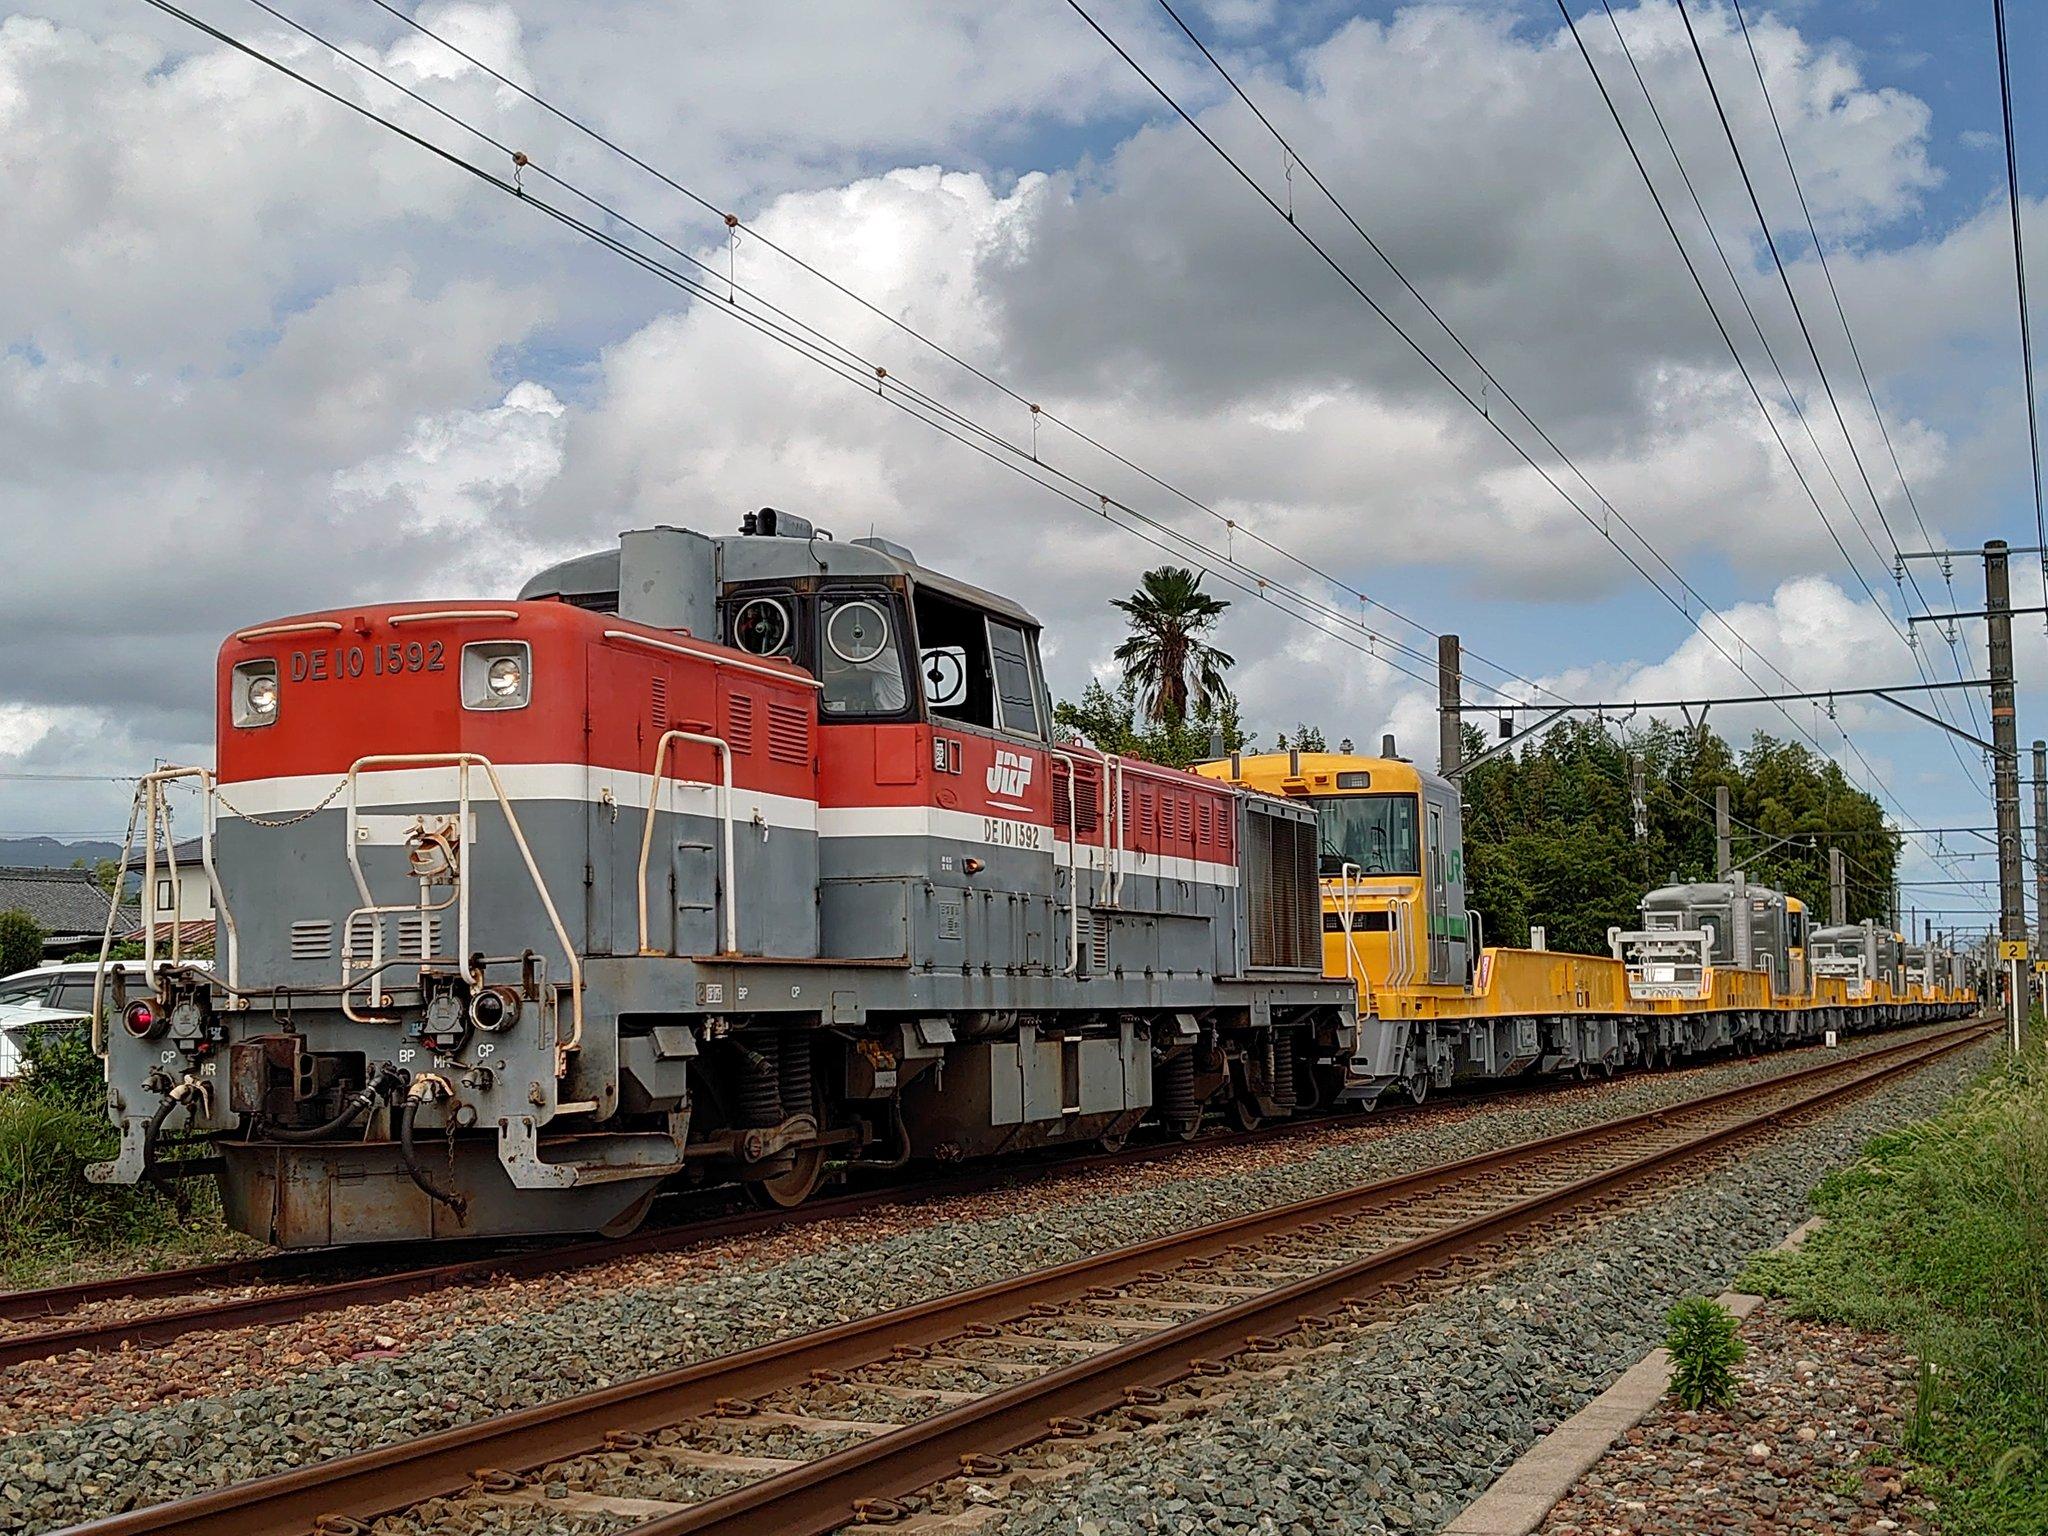 【機関車絶滅の危機】事業用気動車キヤE195系甲種輸送 置き換えで機関車でのレール輸送が見られなくなる 何故嫌われているのか